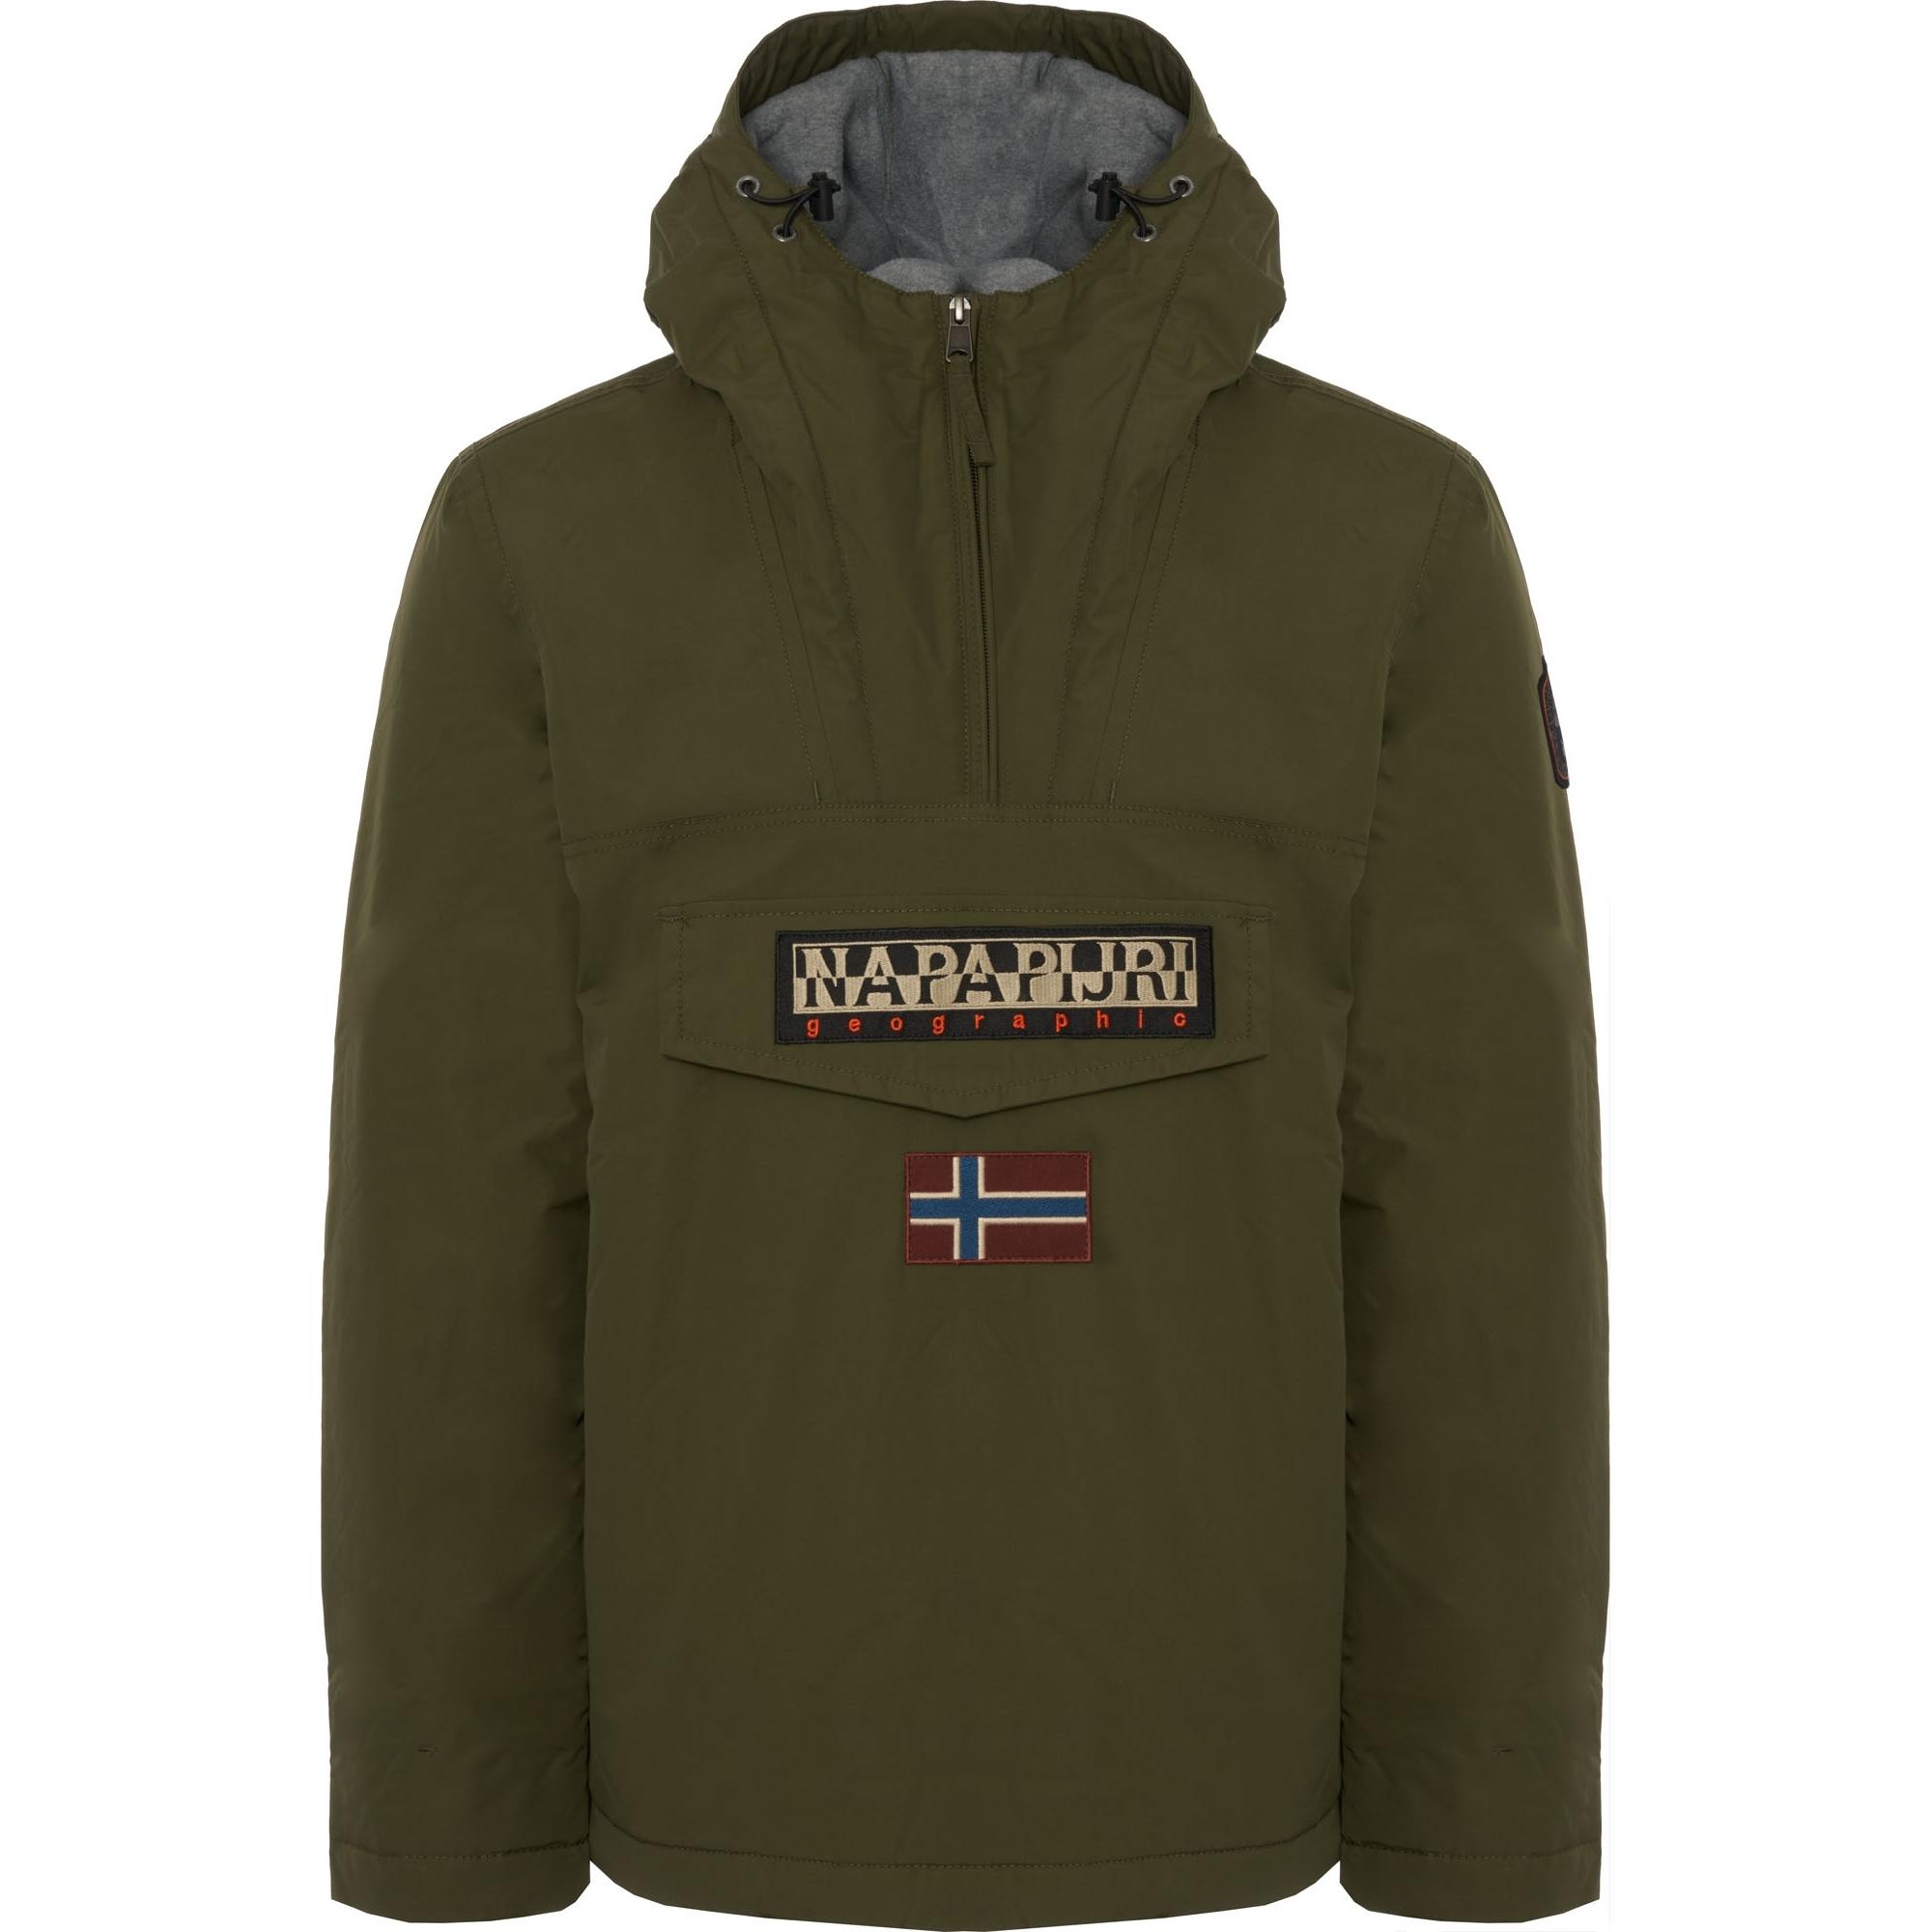 Rainforest Winter Jacket - Green Musk 352eec415ea2